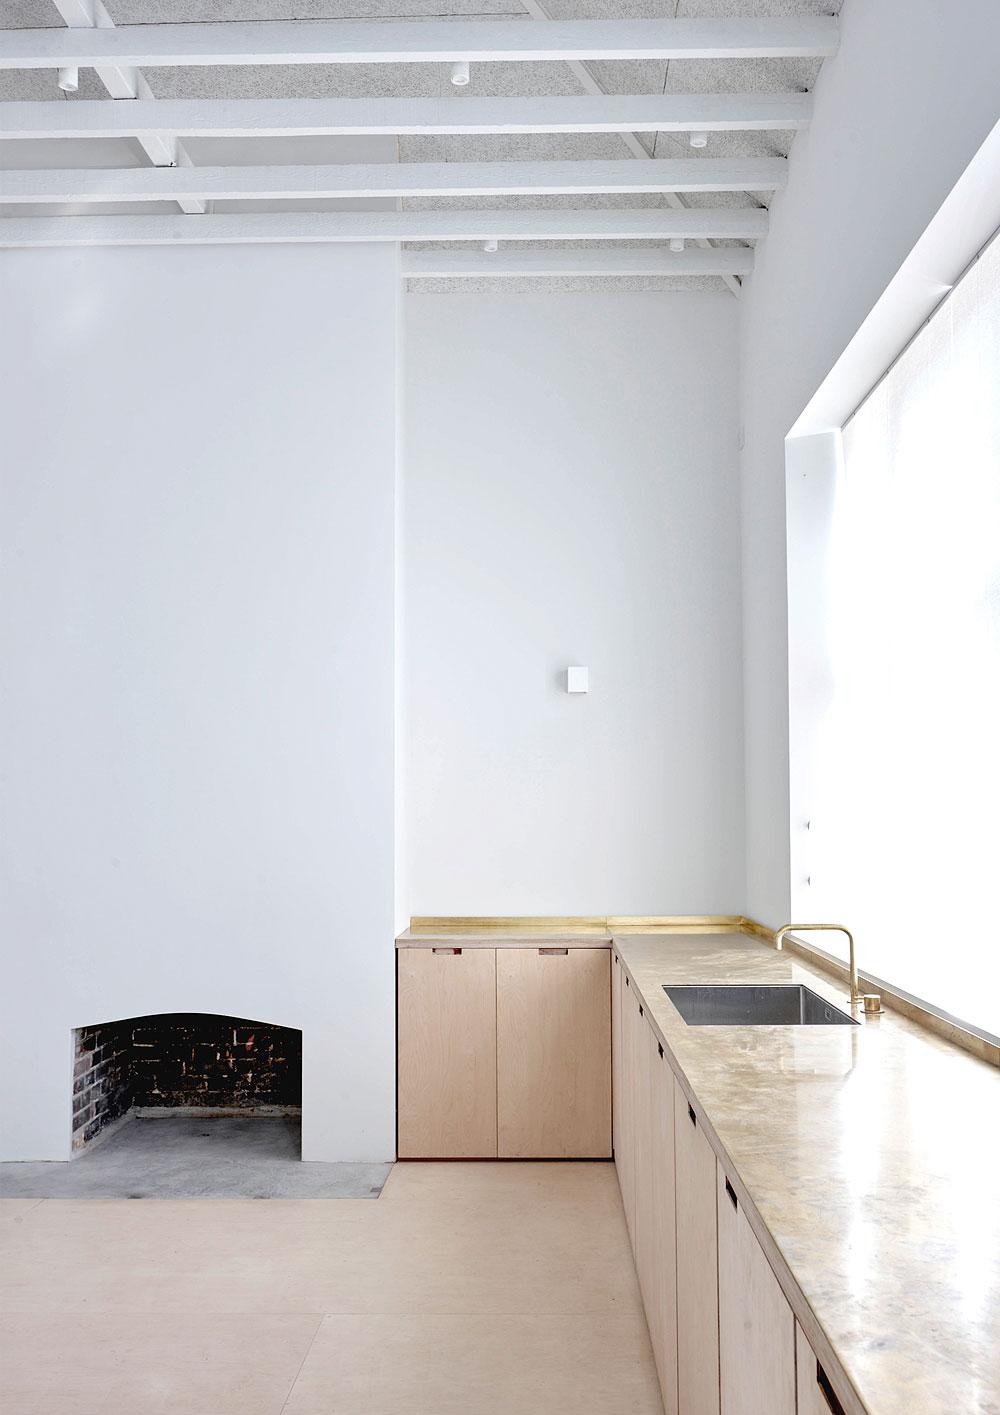 vivienda-merrydown-mclaren.excell (18)